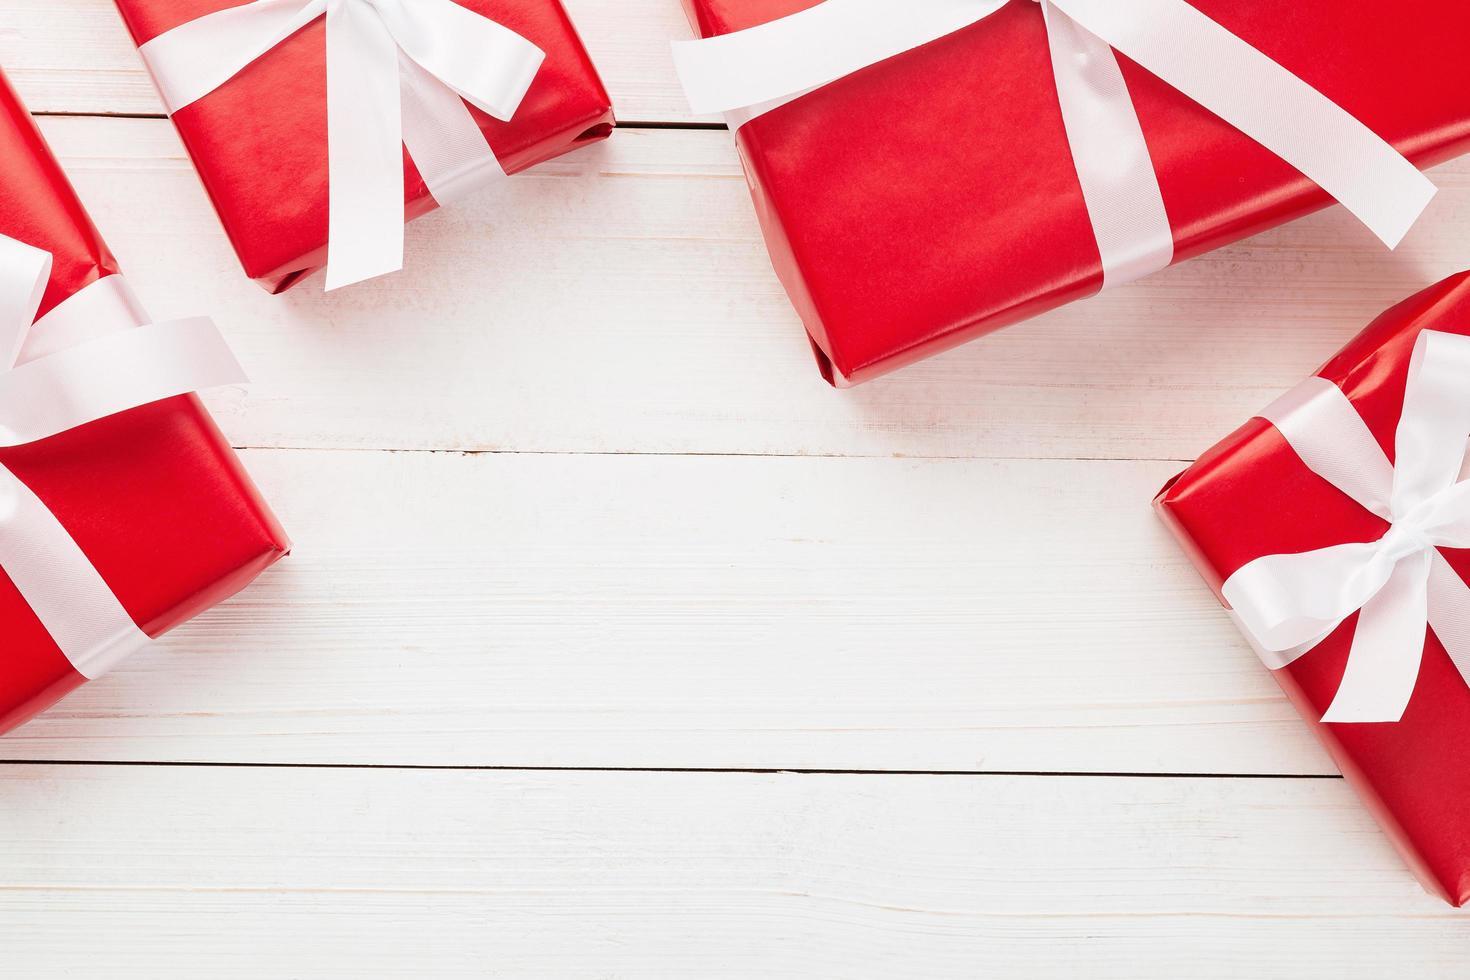 Geschenkboxen auf weißem Holztisch foto